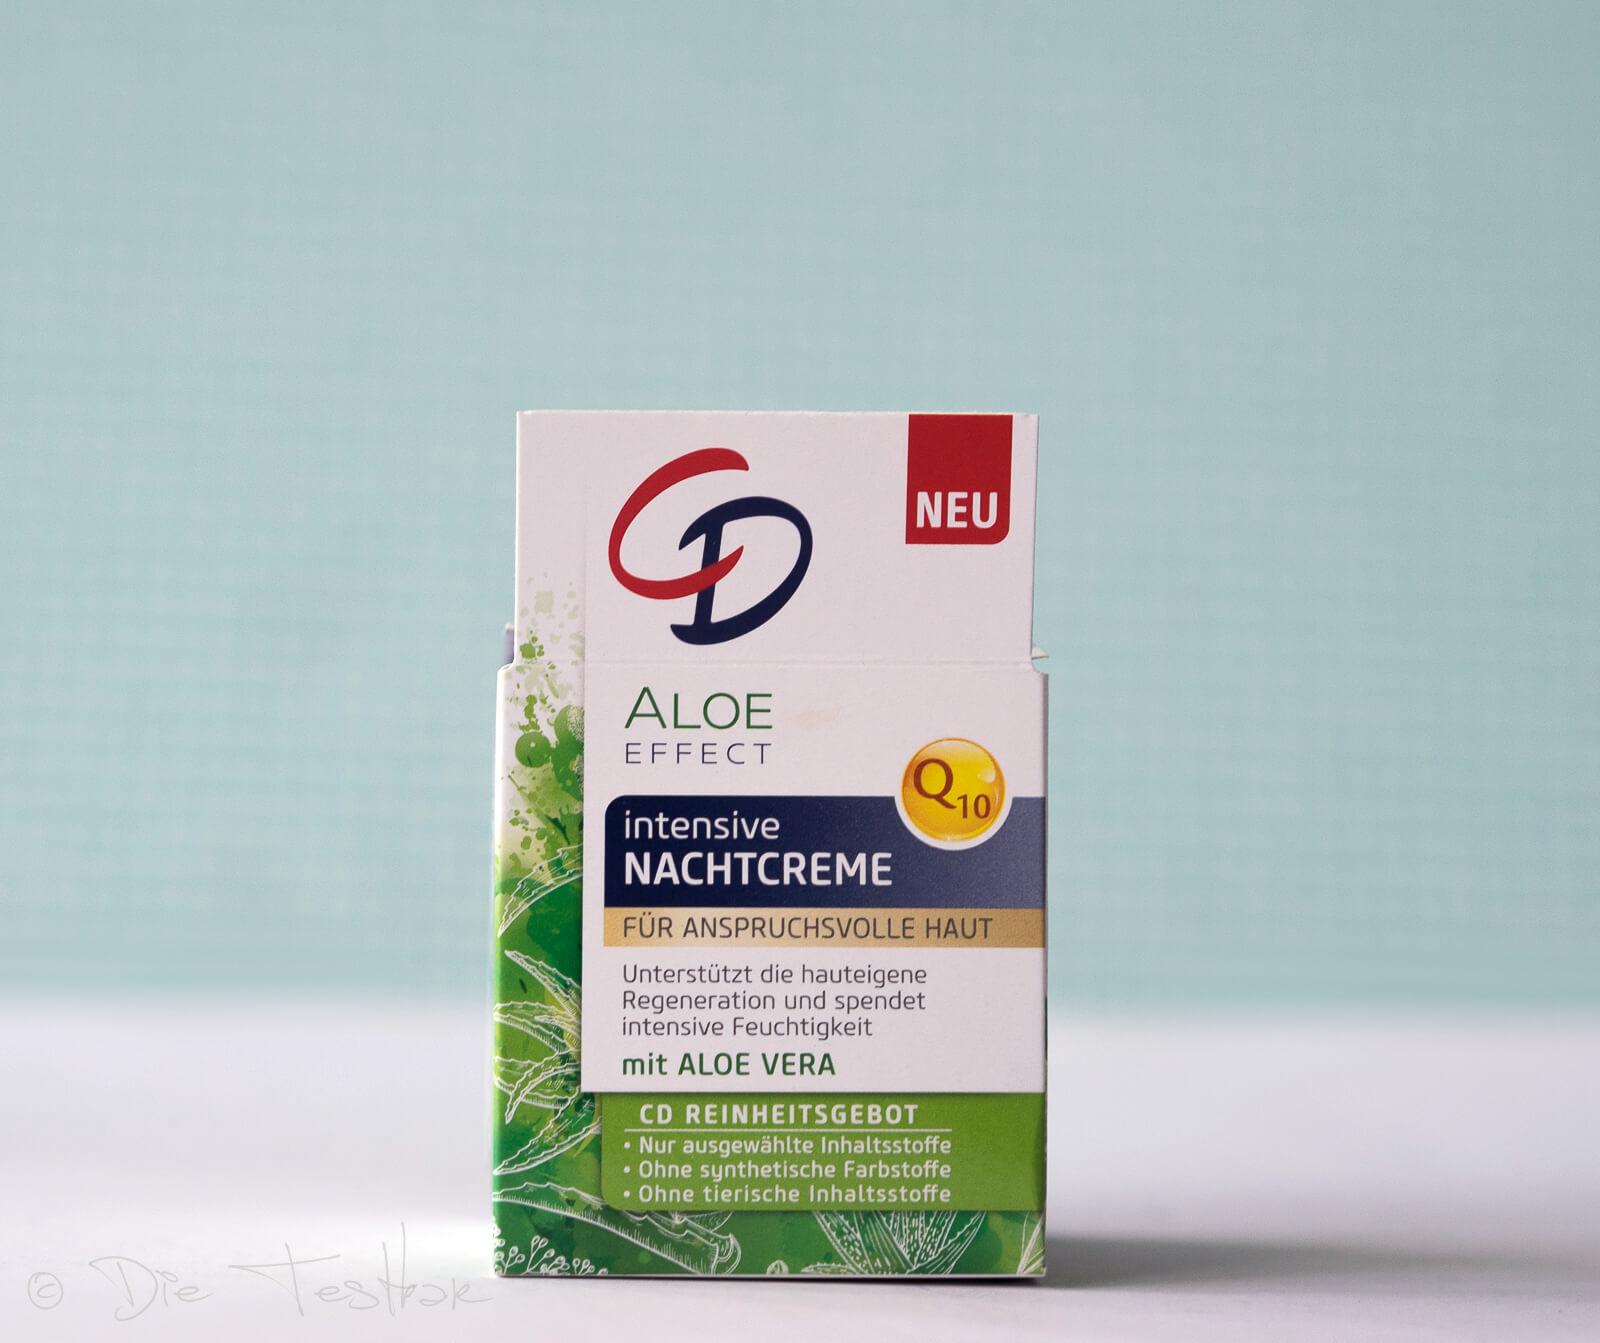 CD - Aloe Effect Nachtcreme